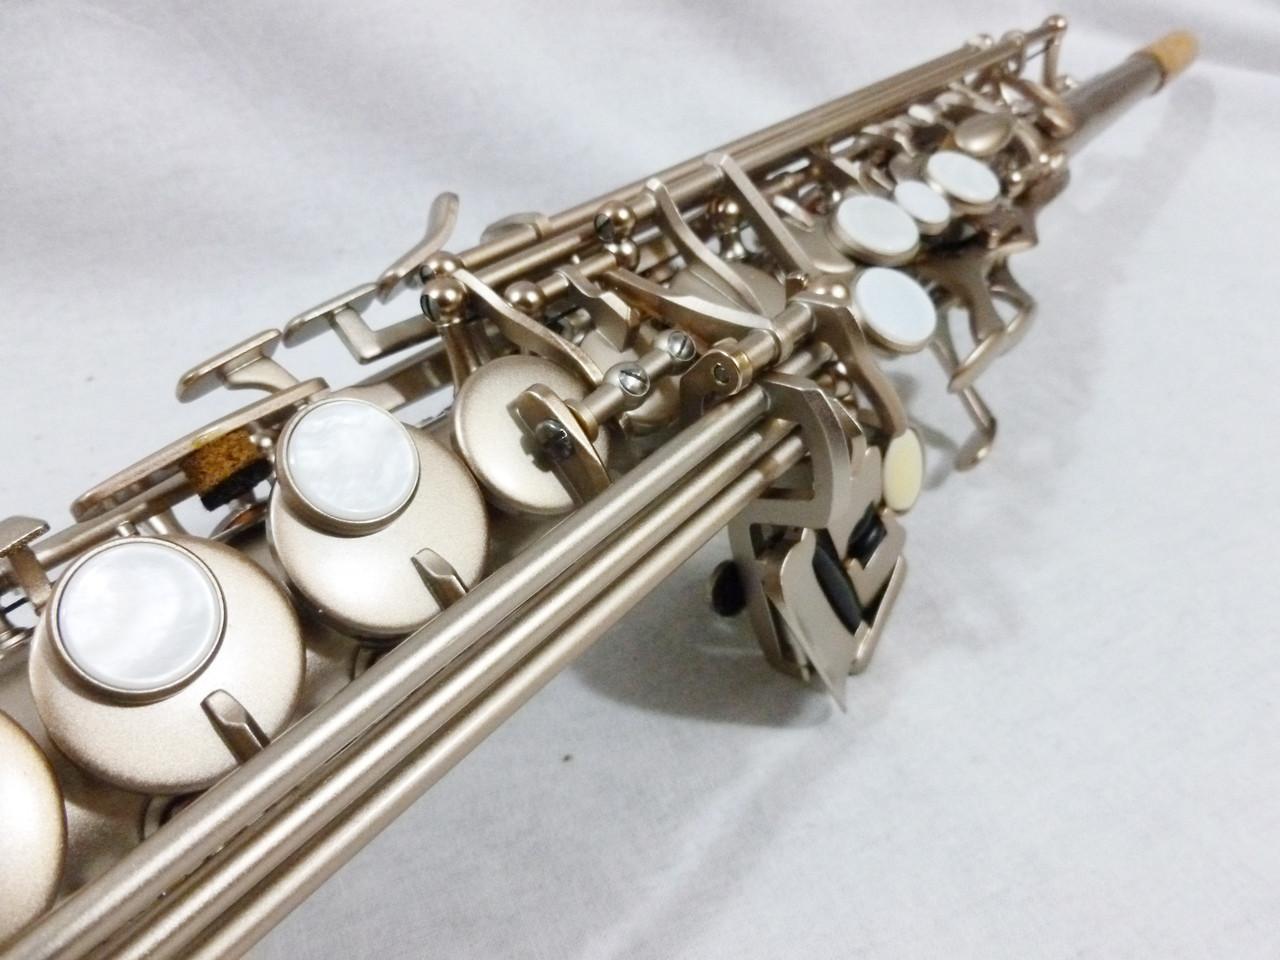 trevor james horn 88 soprano saxophone 4